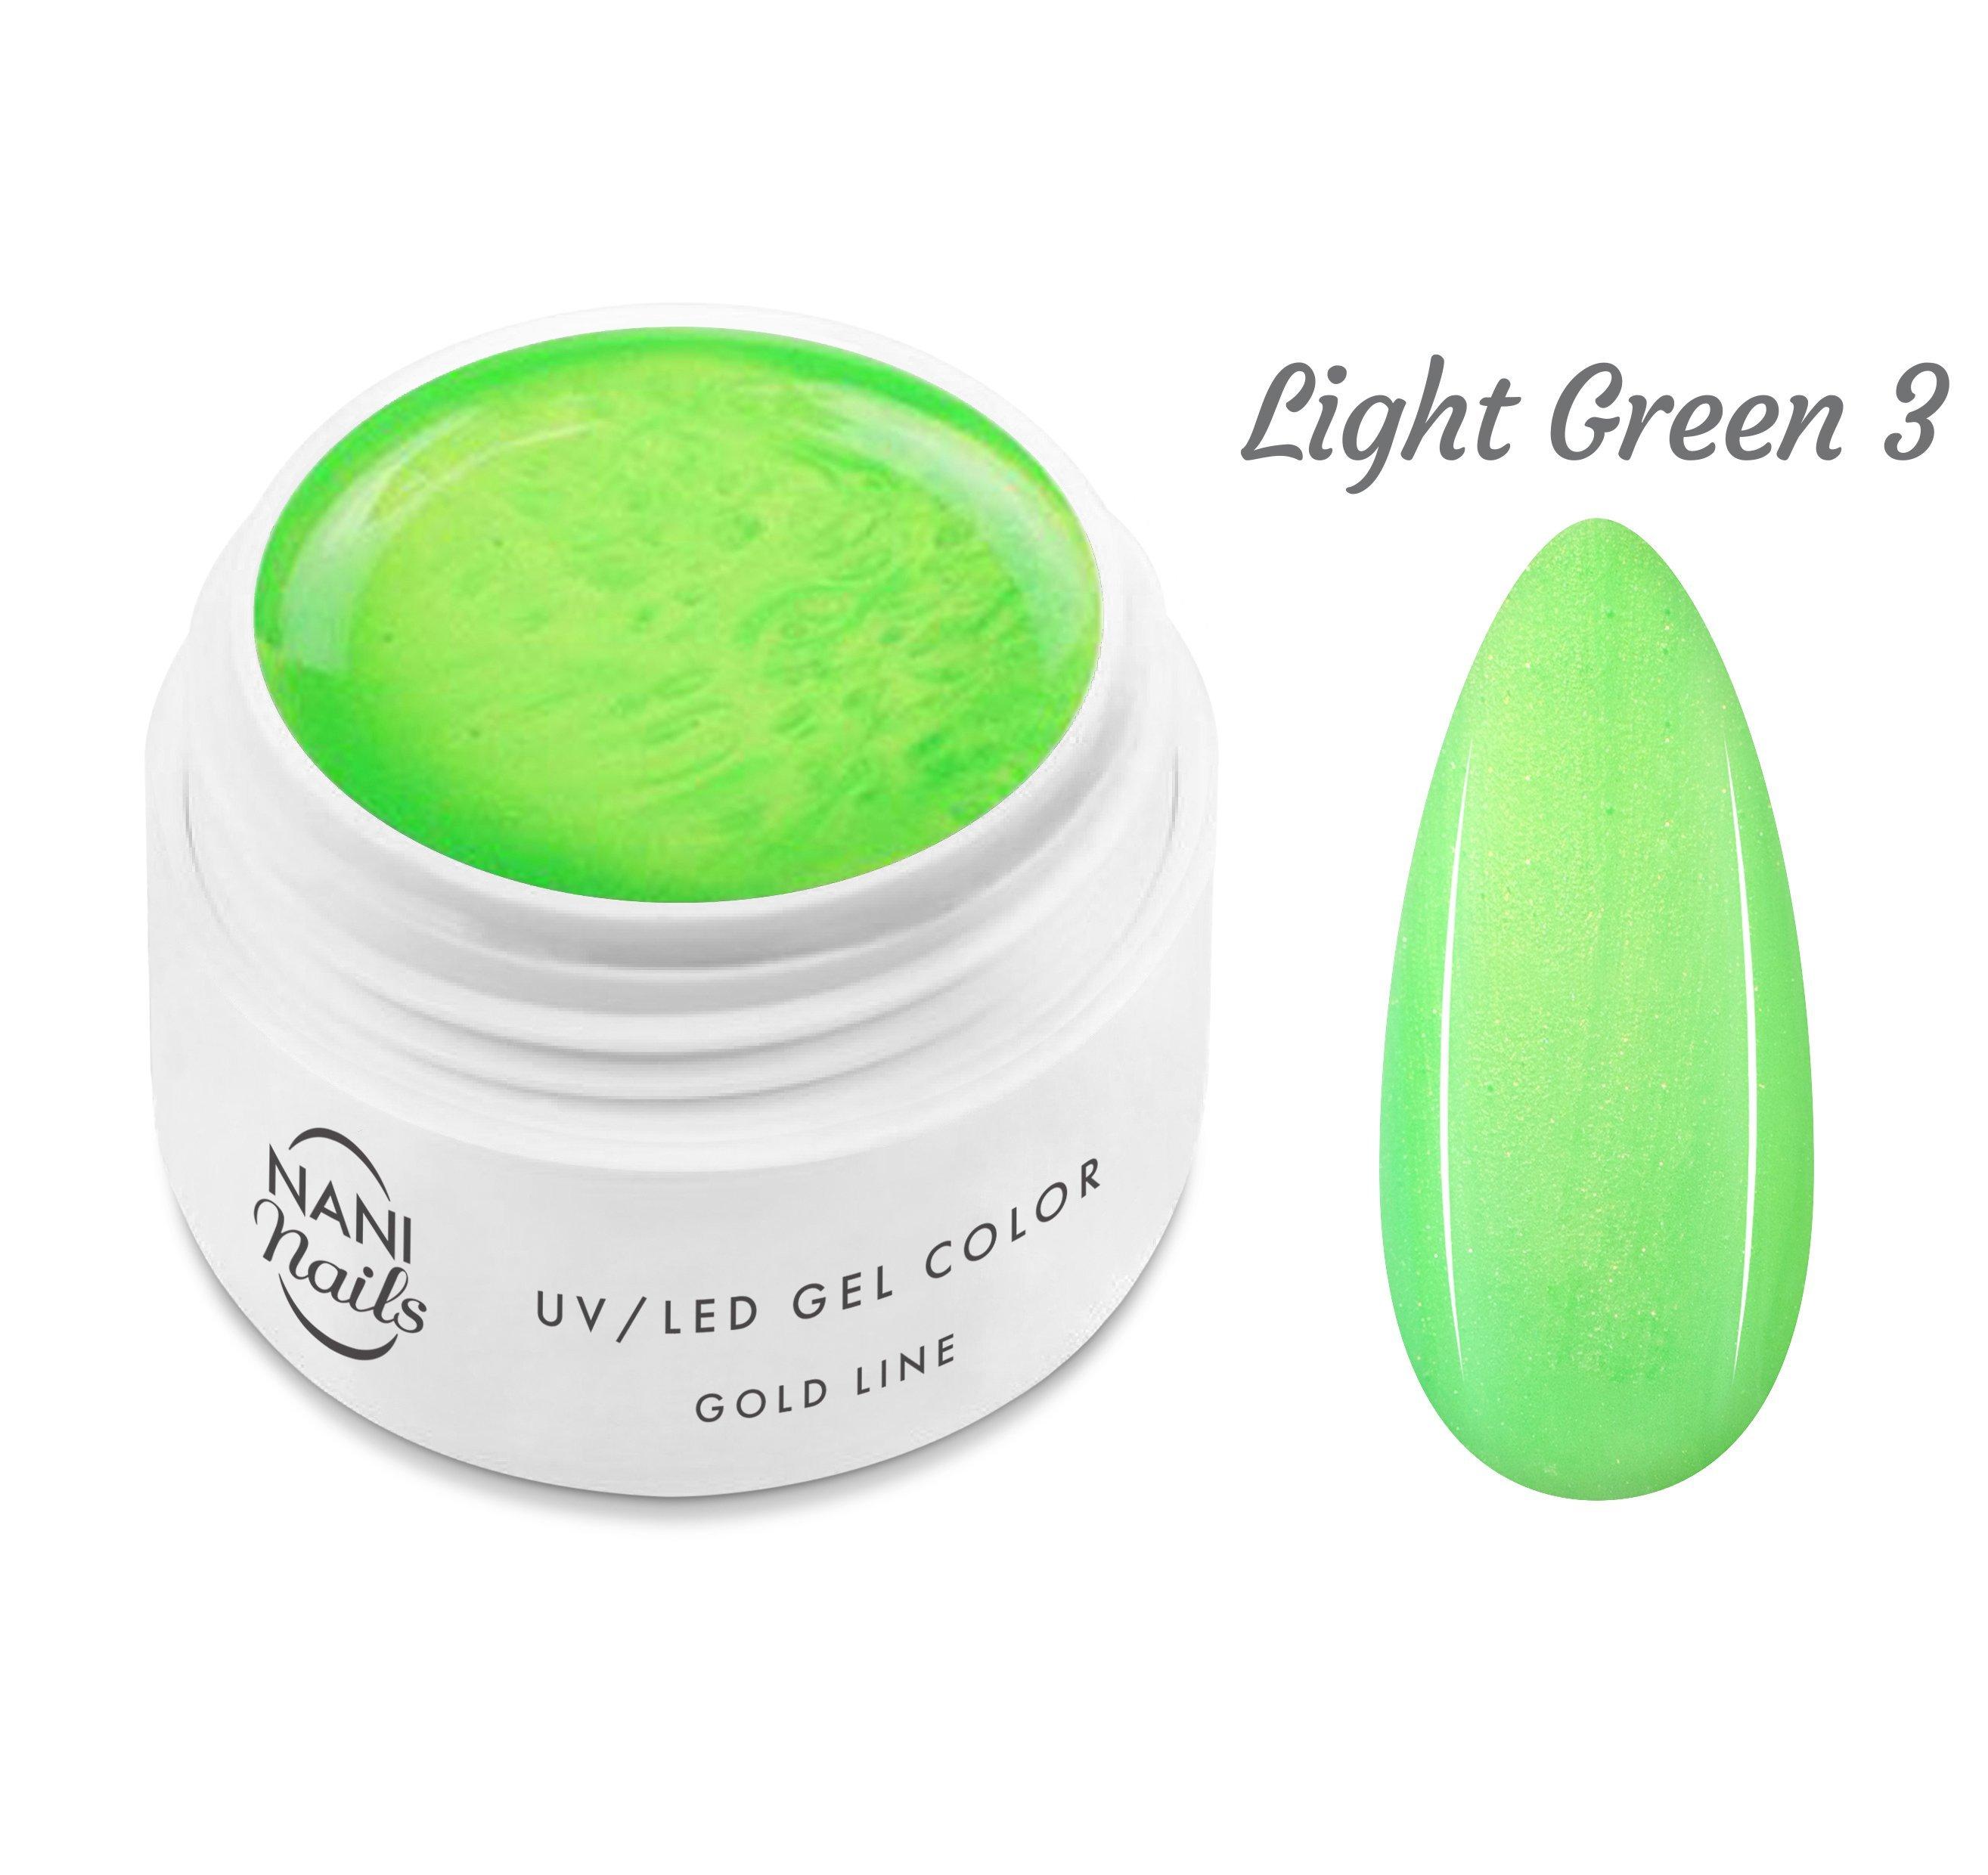 NANI UV gél Gold Line 5 ml - Light Green